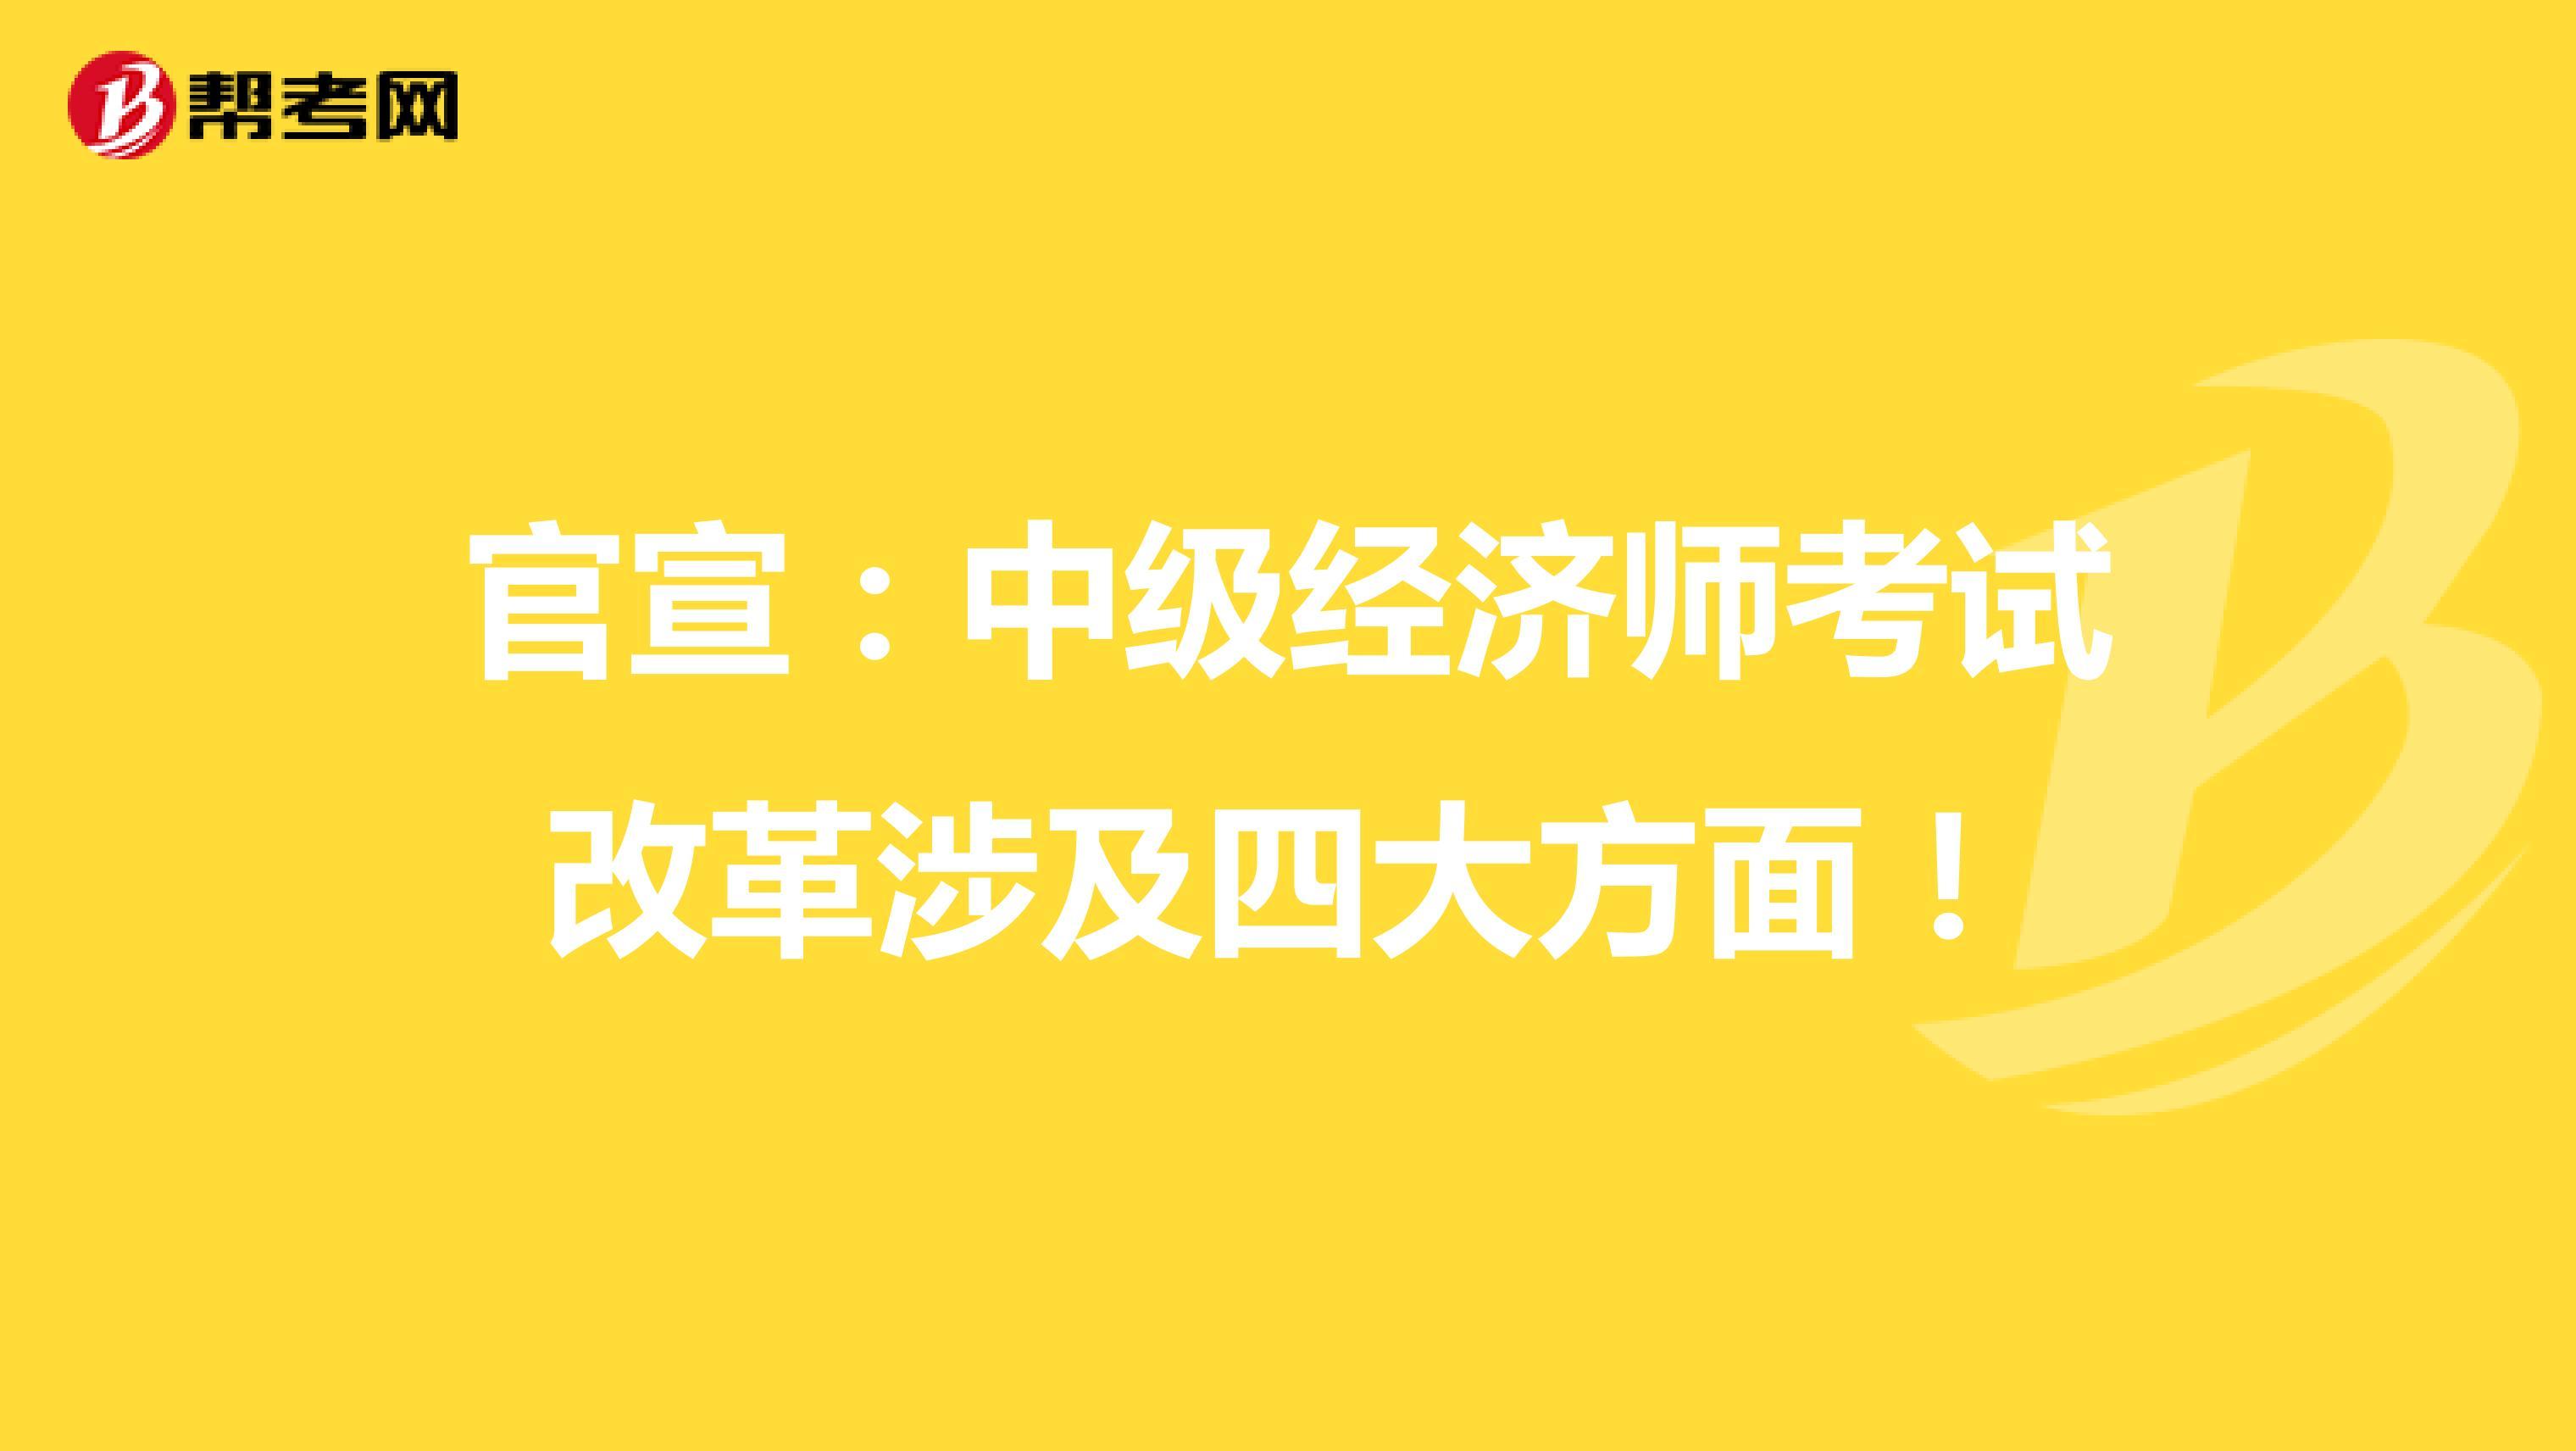 官宣:中级经济师考试改革涉及四大方面!